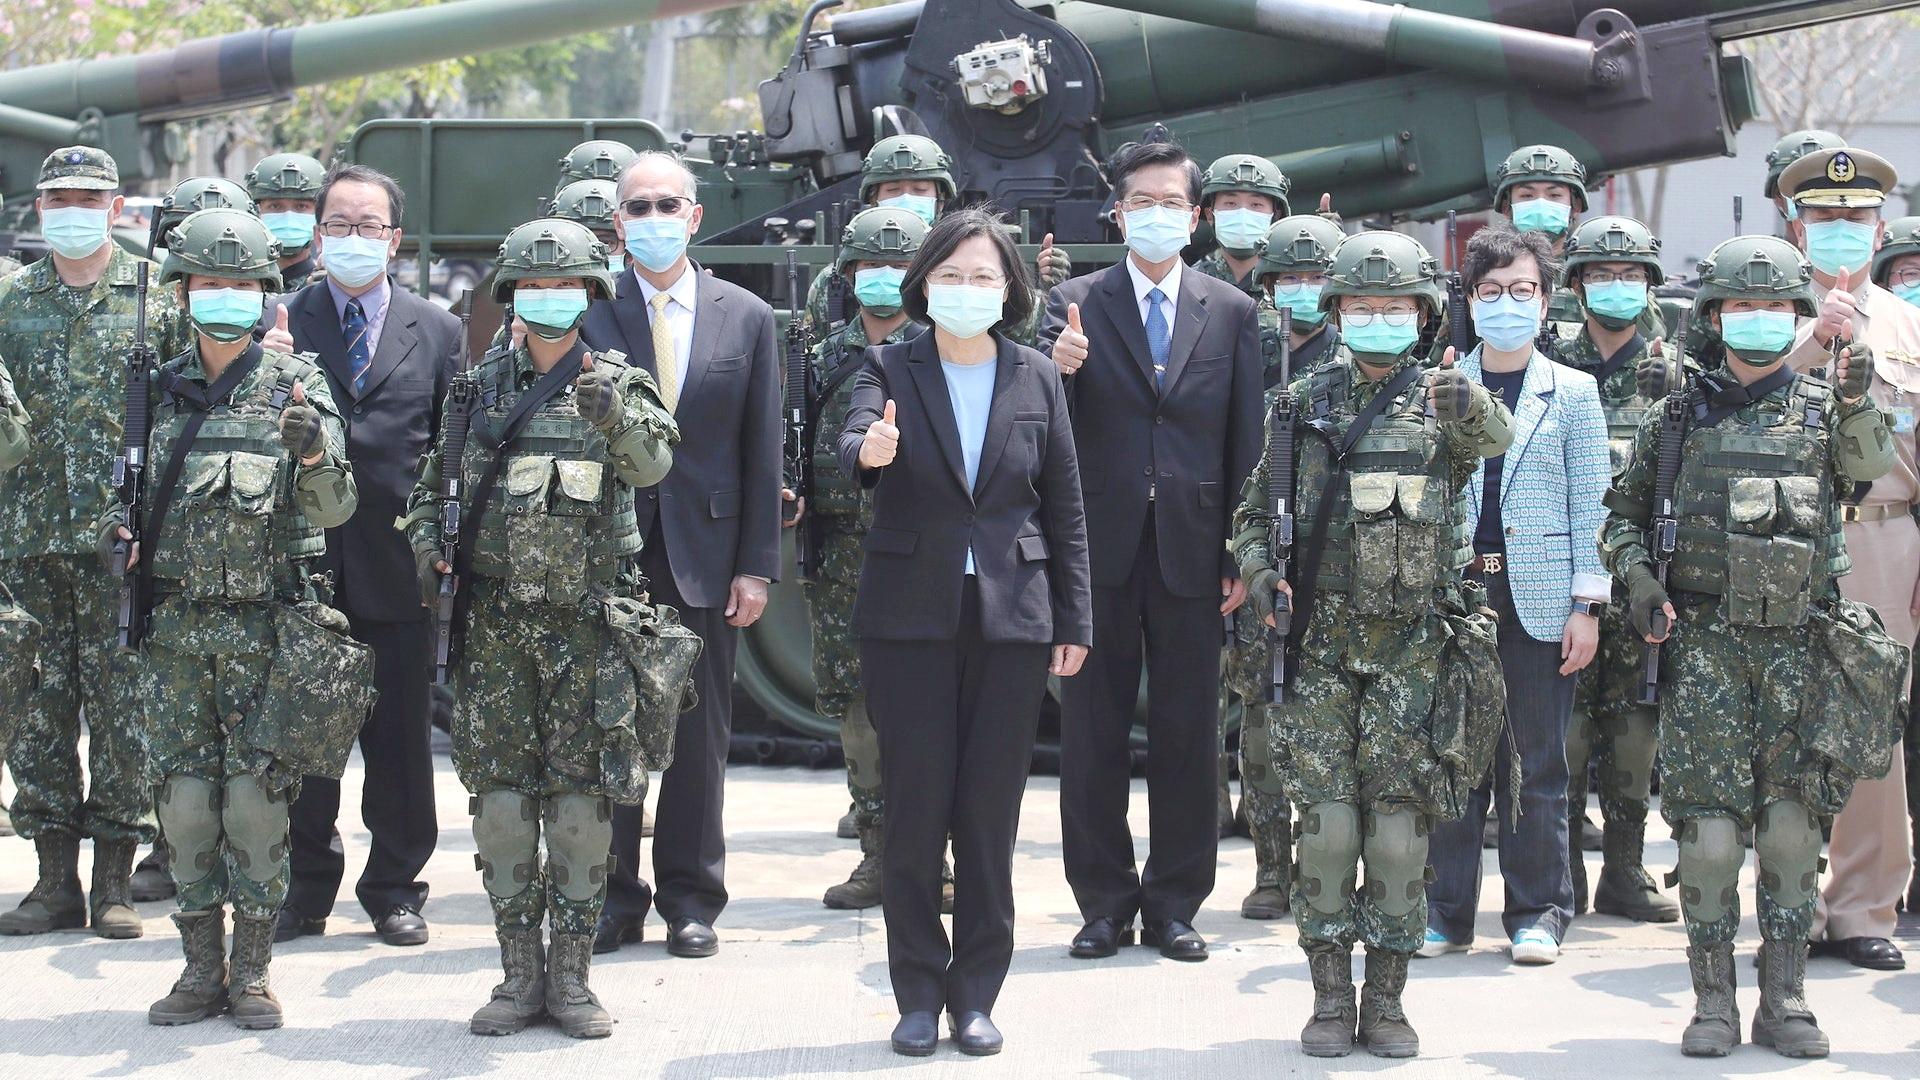 """【火币pro】_台军准备和解放军""""打巷战""""?不如直接举白旗"""